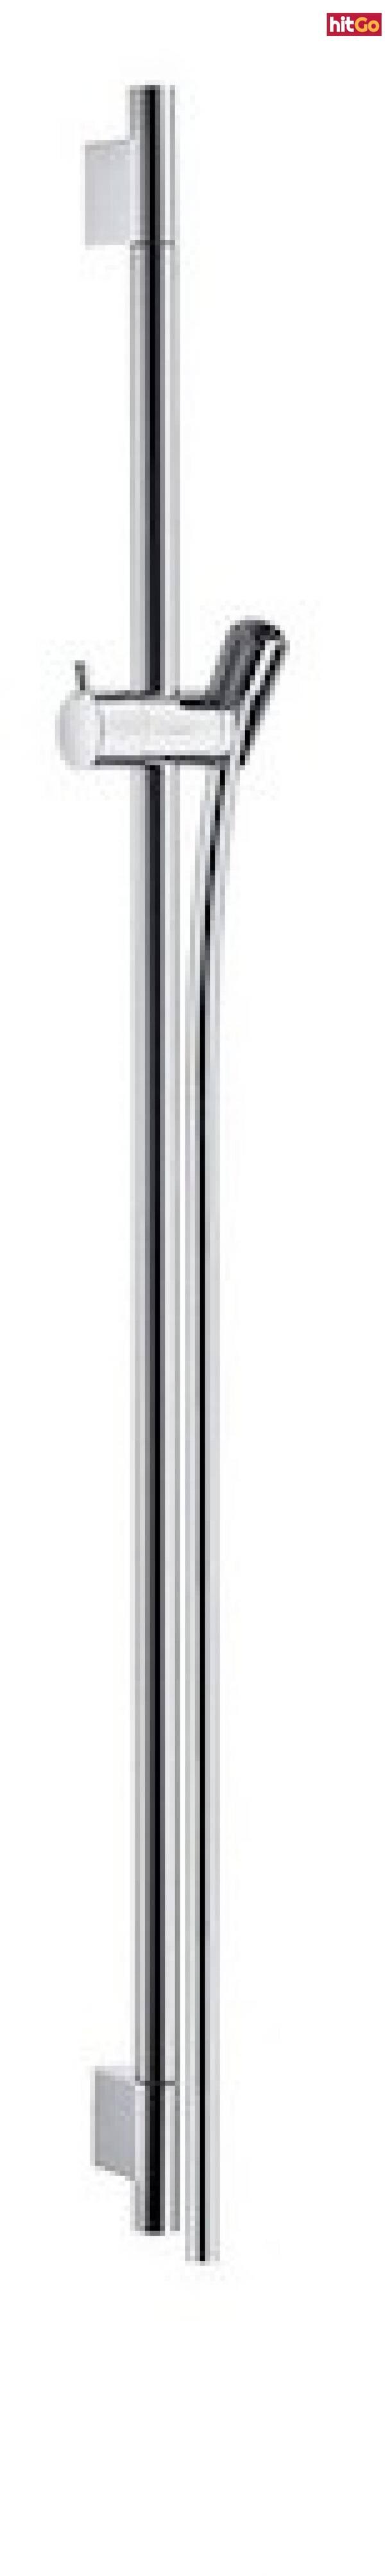 Sprchová tyč Hansgrohe Unica S Puro se sprchovou hadicí chrom 28631000 chrom chrom